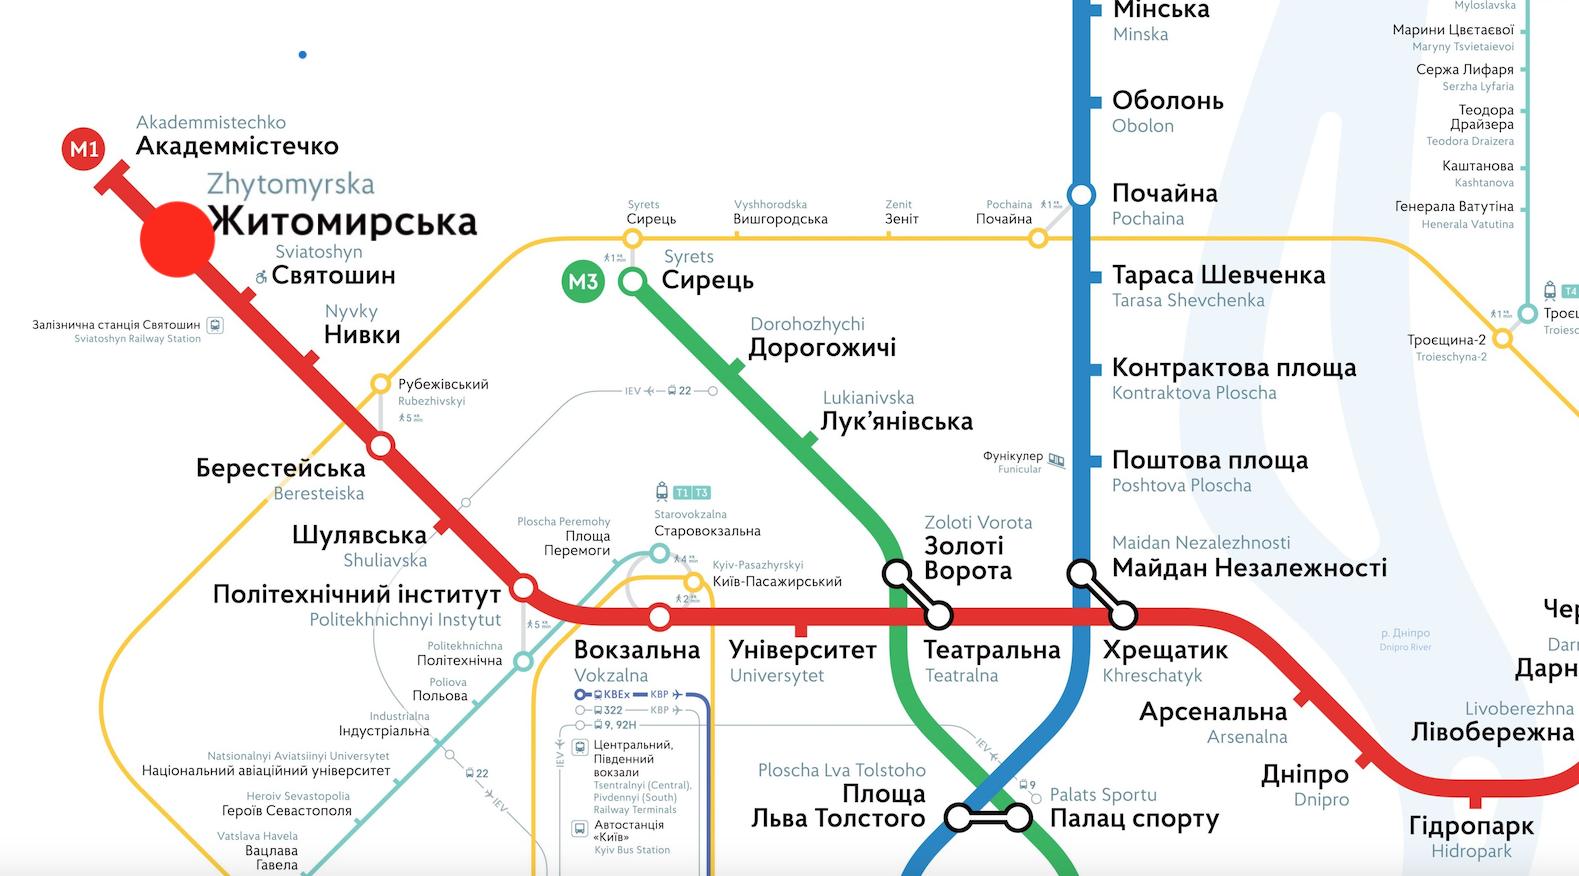 житомирська метро